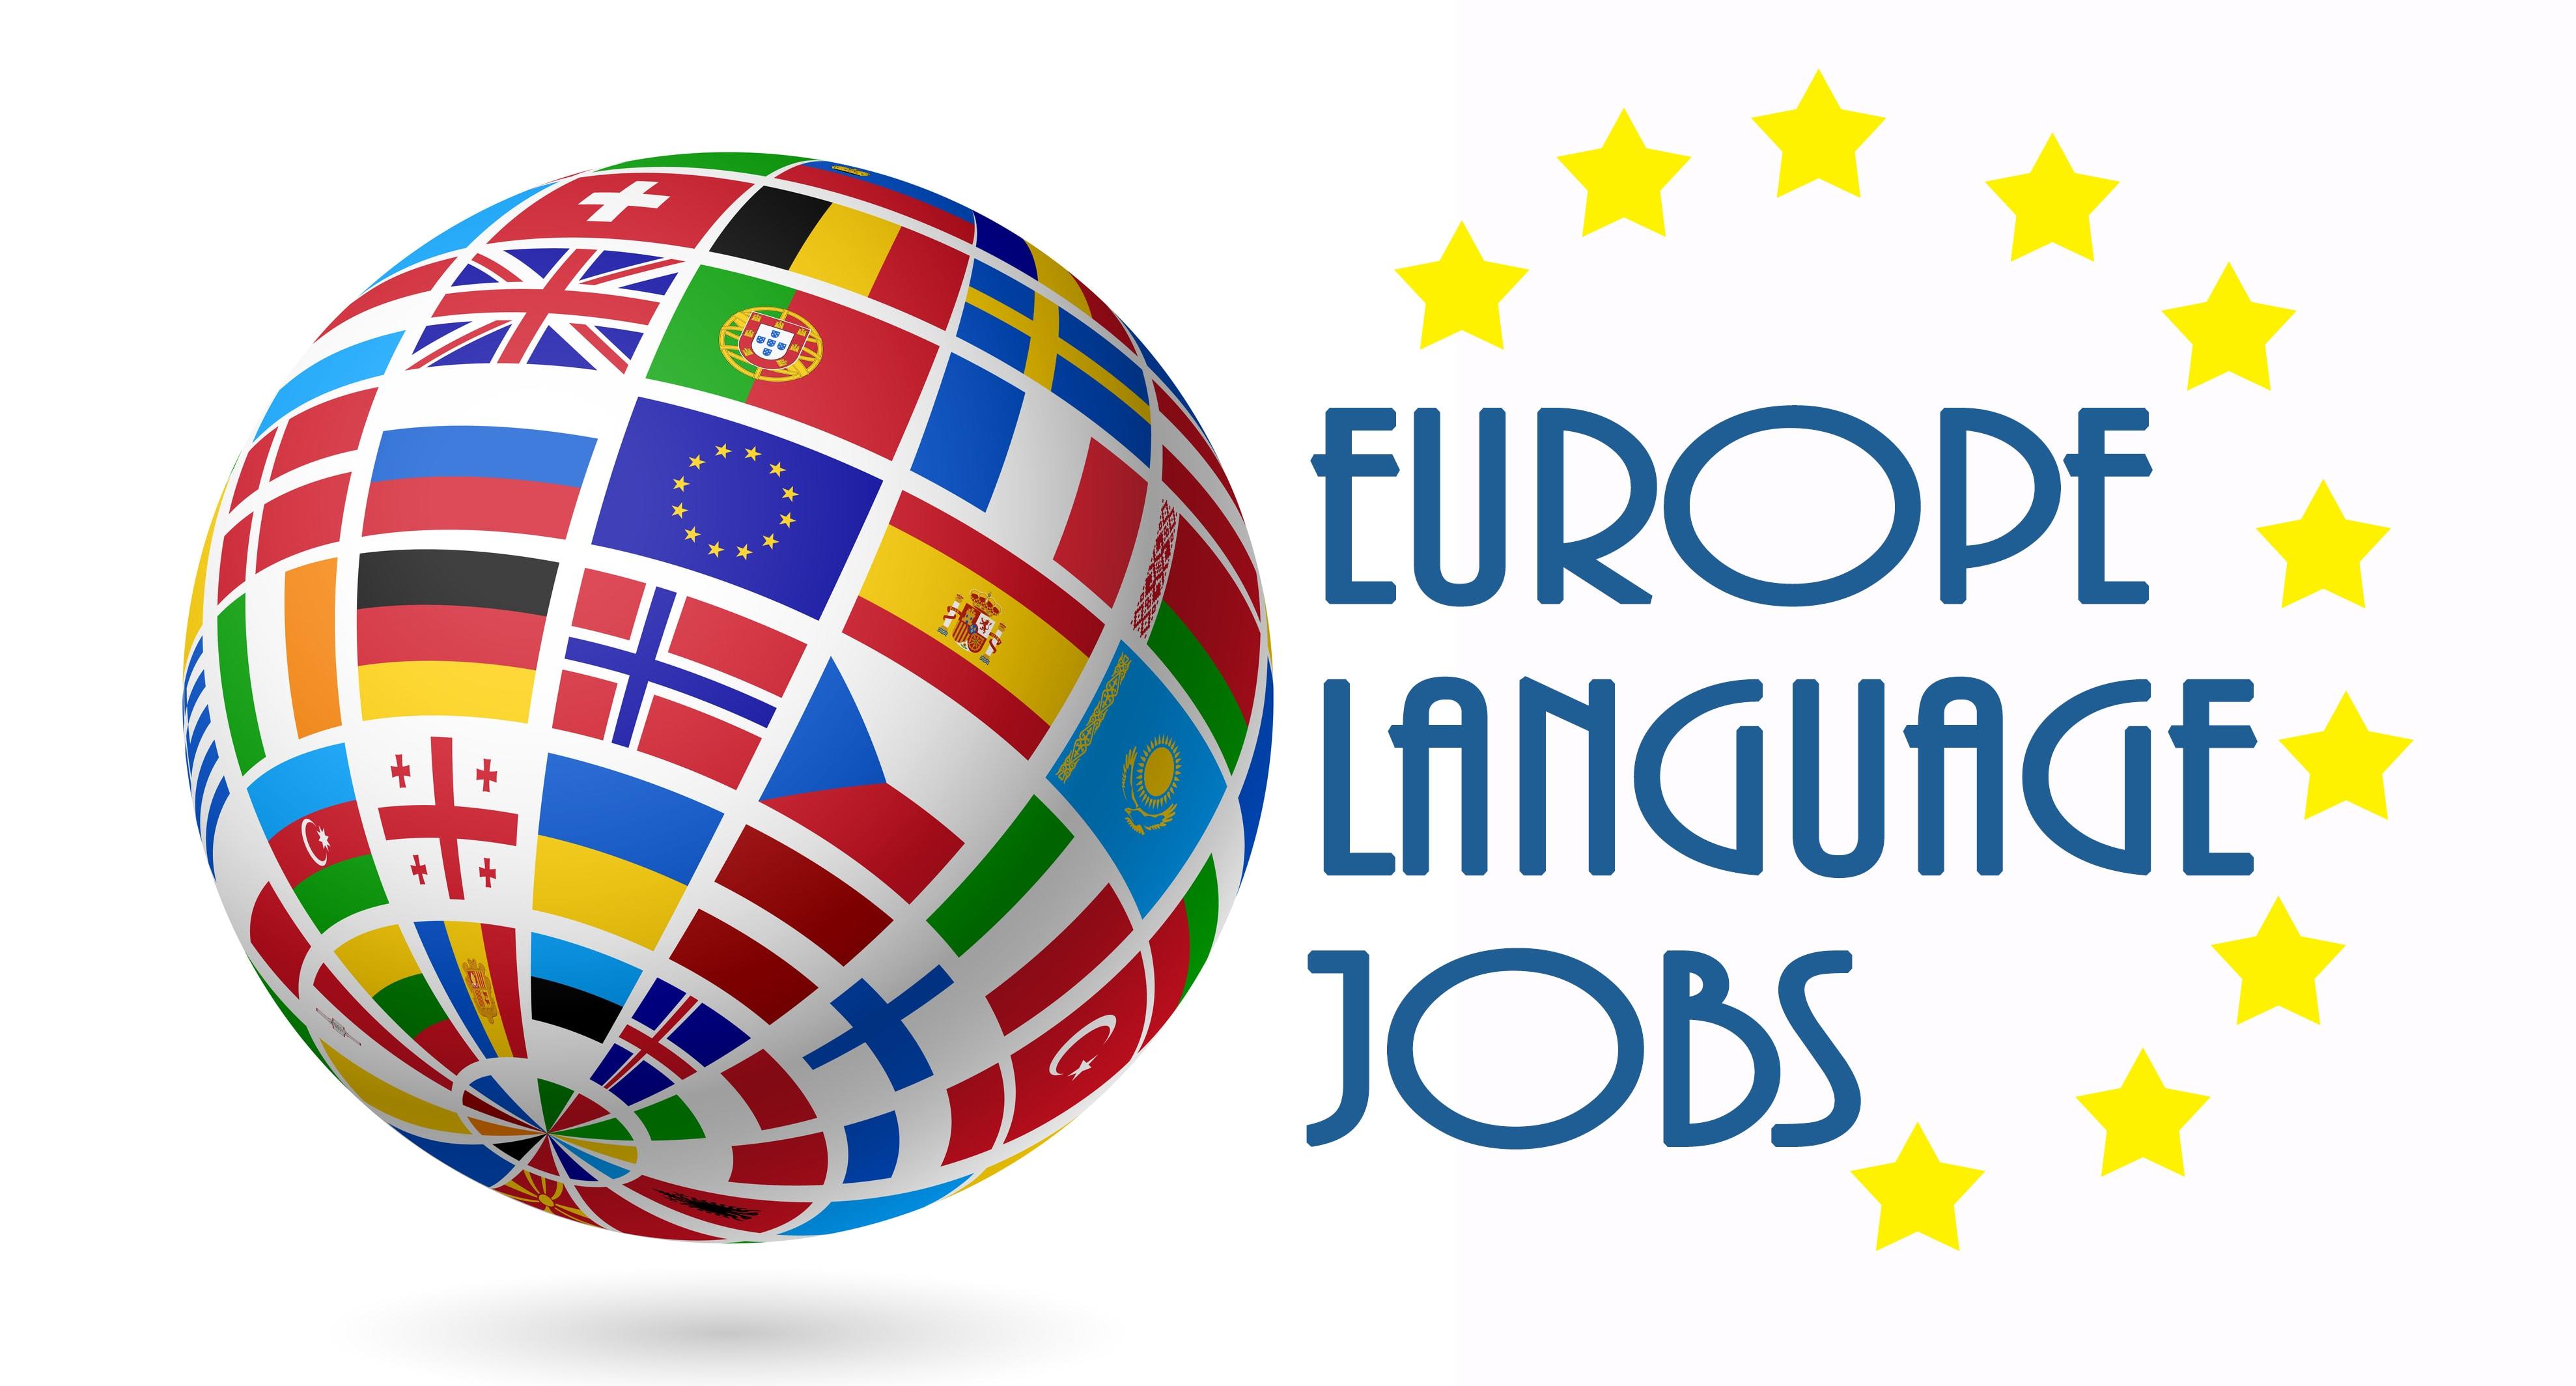 Europe language jobs